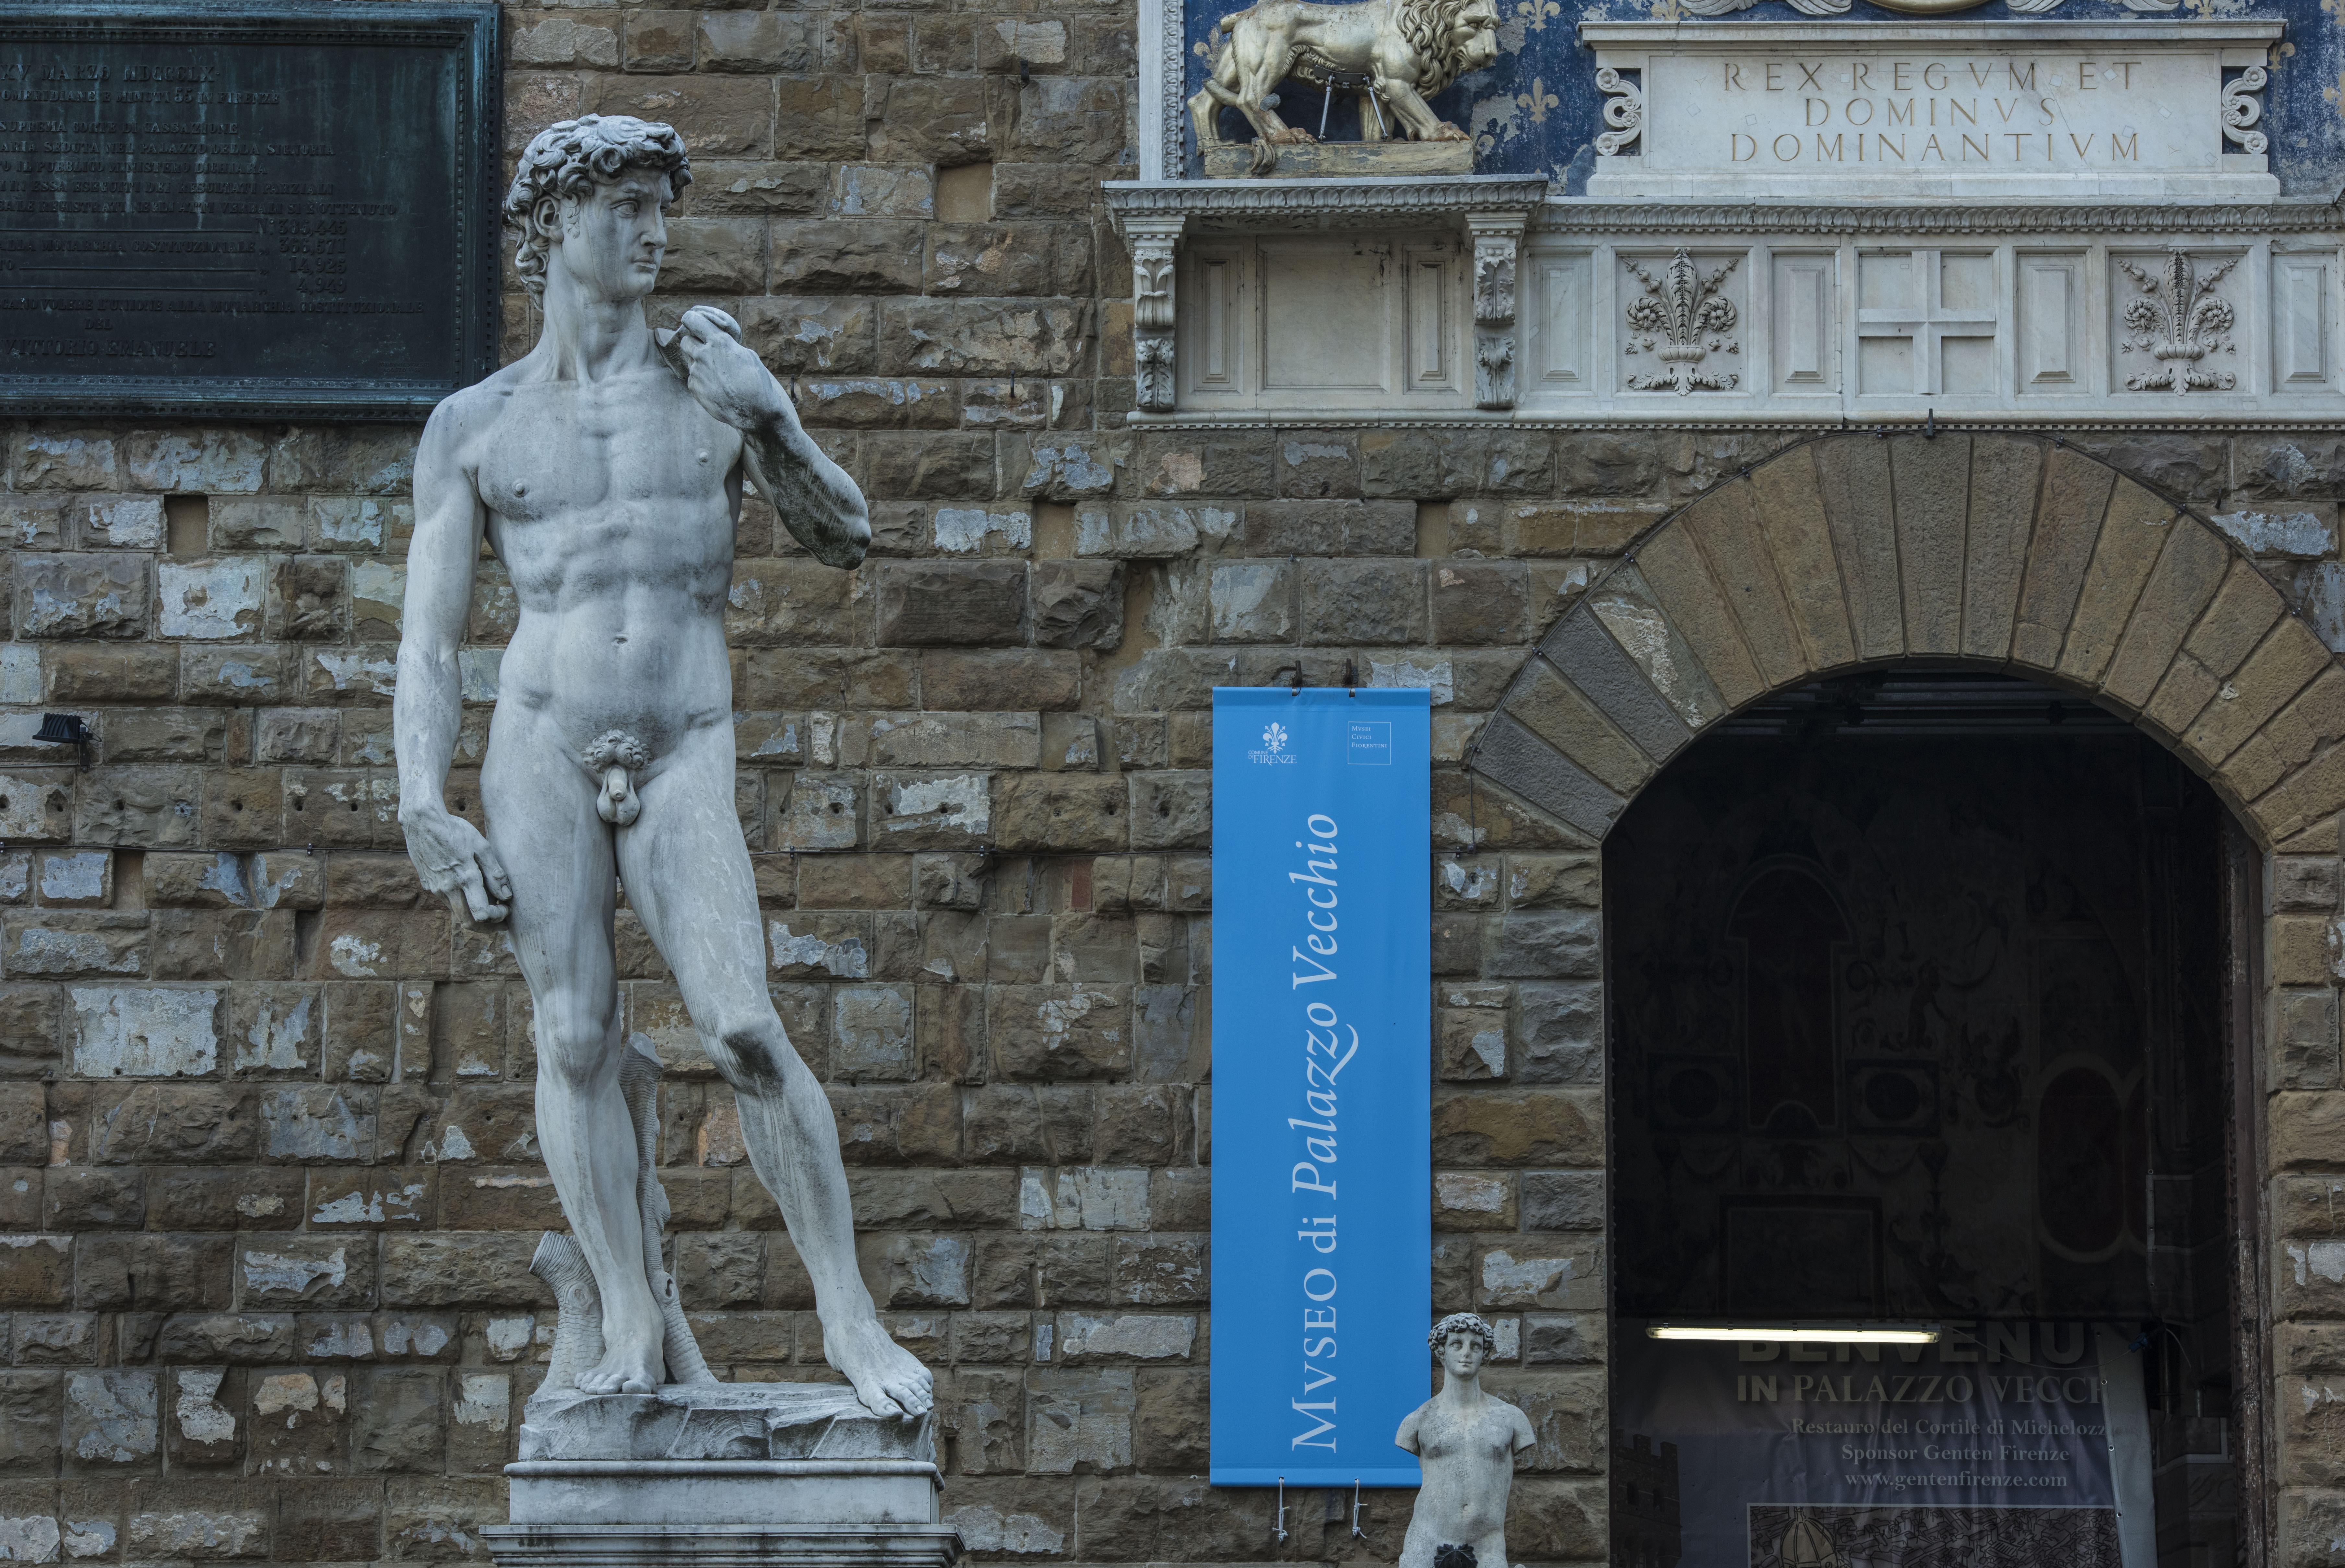 你相信不相信?大卫像也曾和维纳斯一样是断臂的。